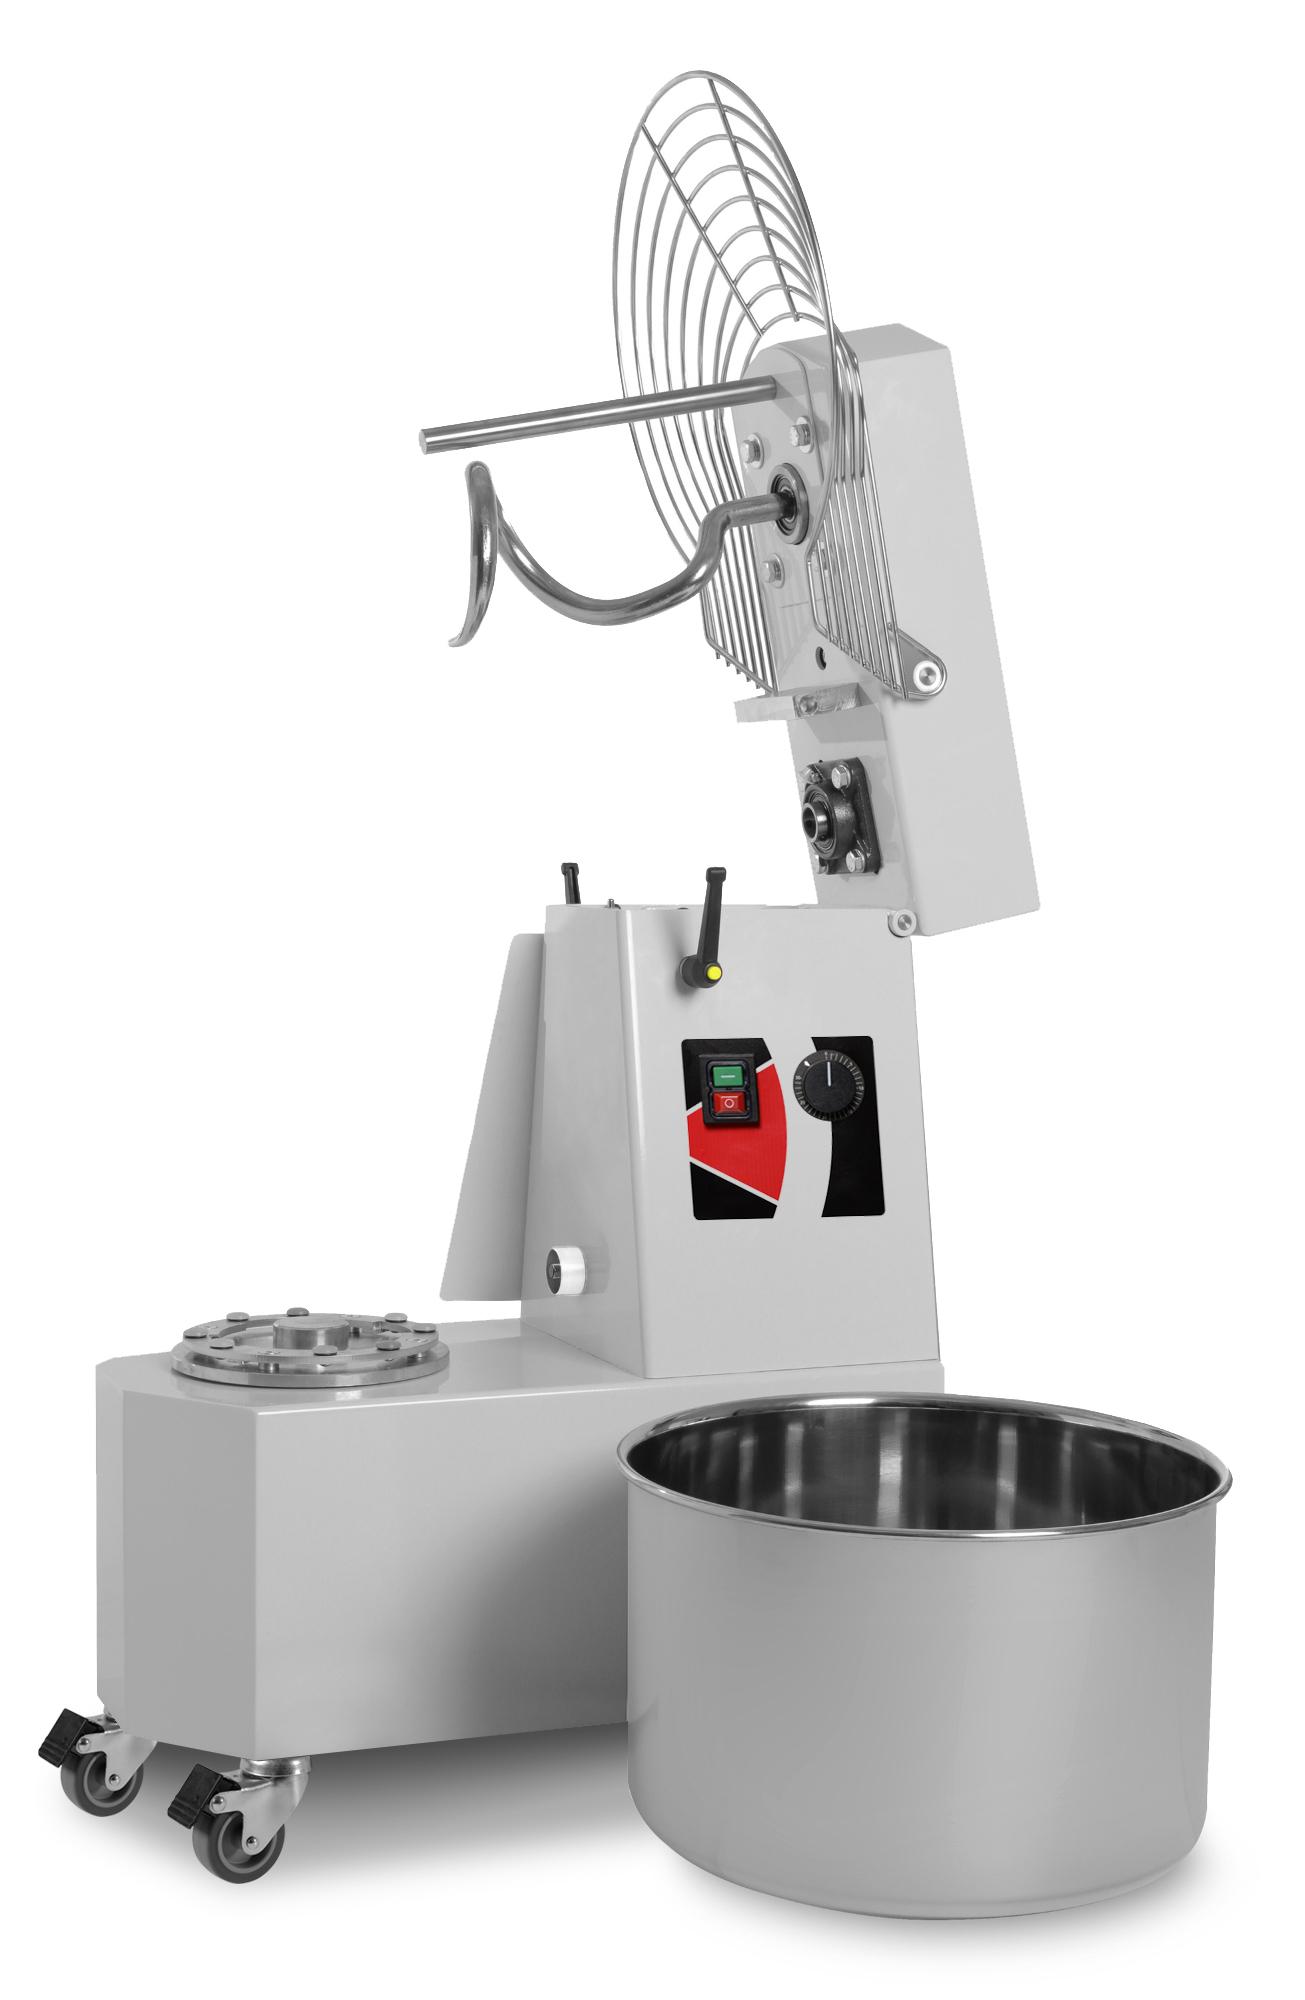 Teigknetmaschine 42 kg, 48 Liter, 400 Volt   GastroPlus24